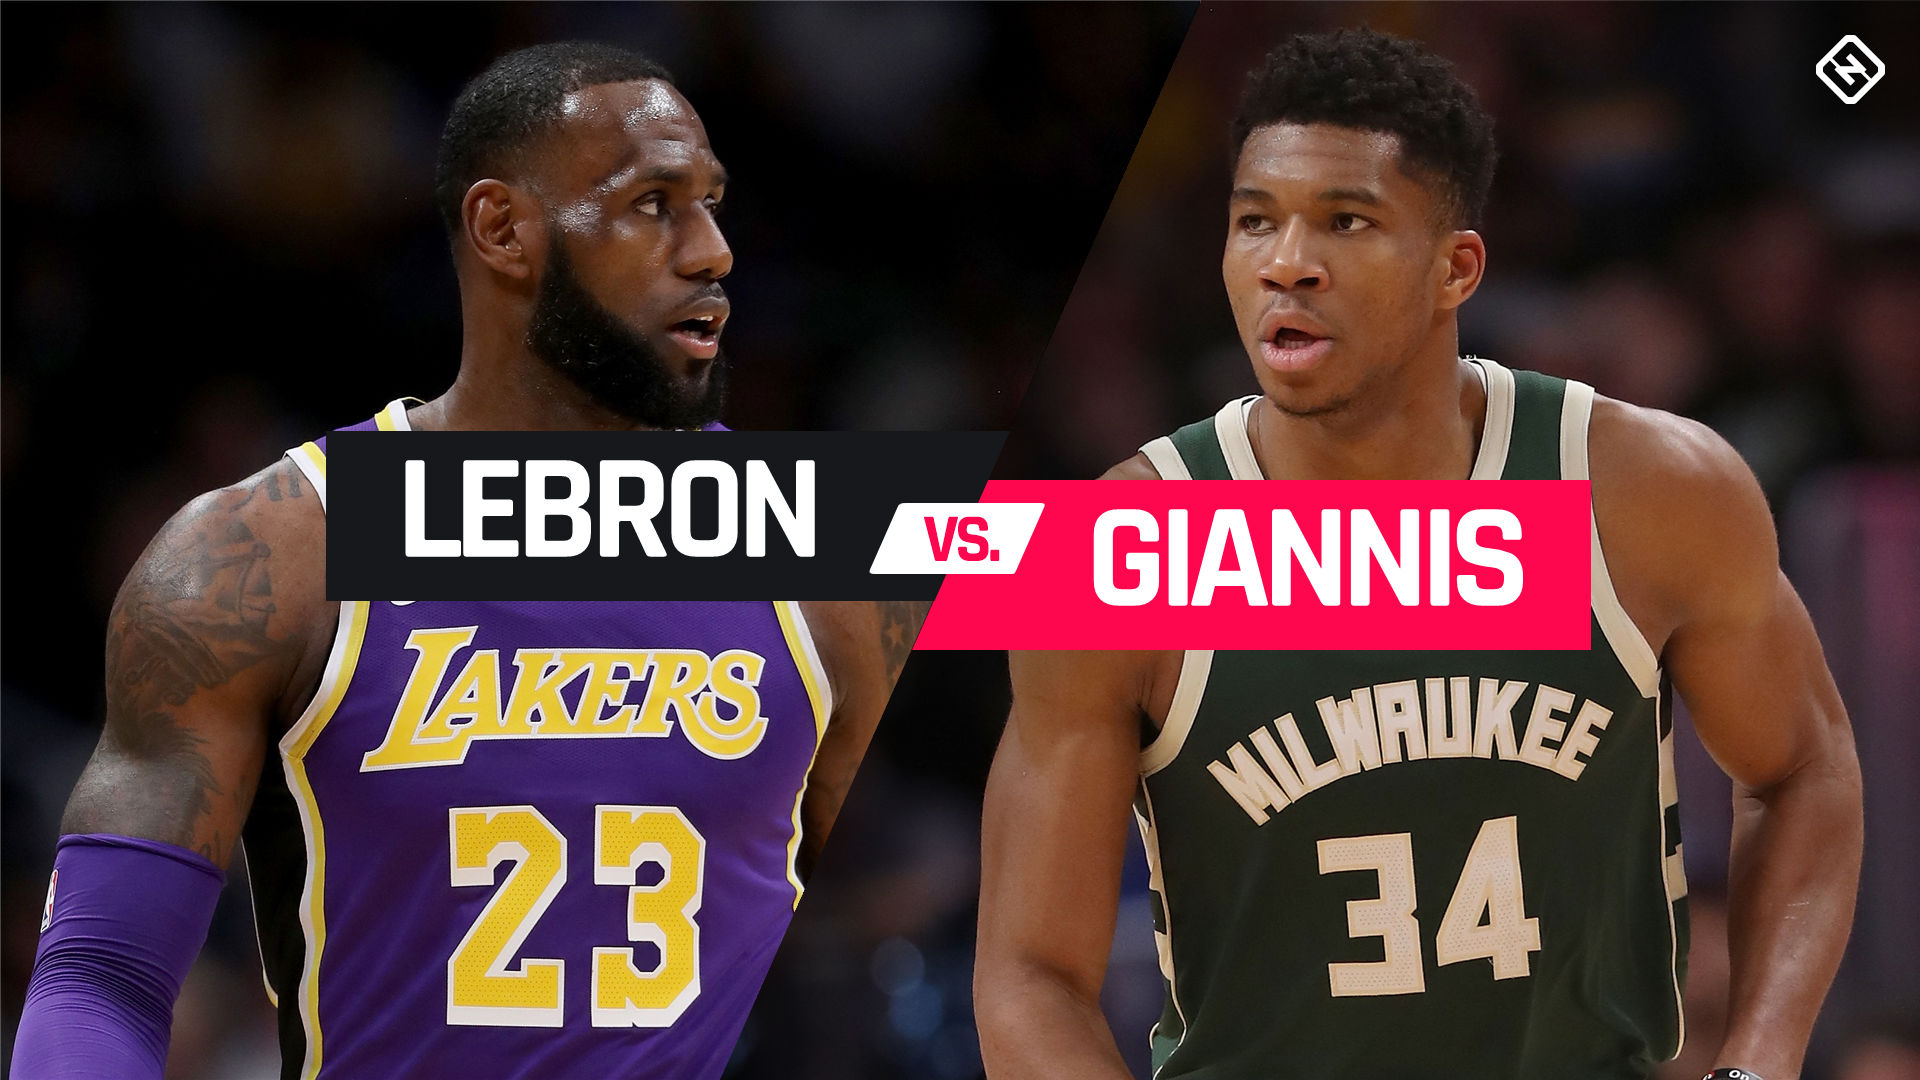 Resultados del Draft de la NBA All-Star 2020: Selecciones, listas para Team LeBron, Team Giannis 2